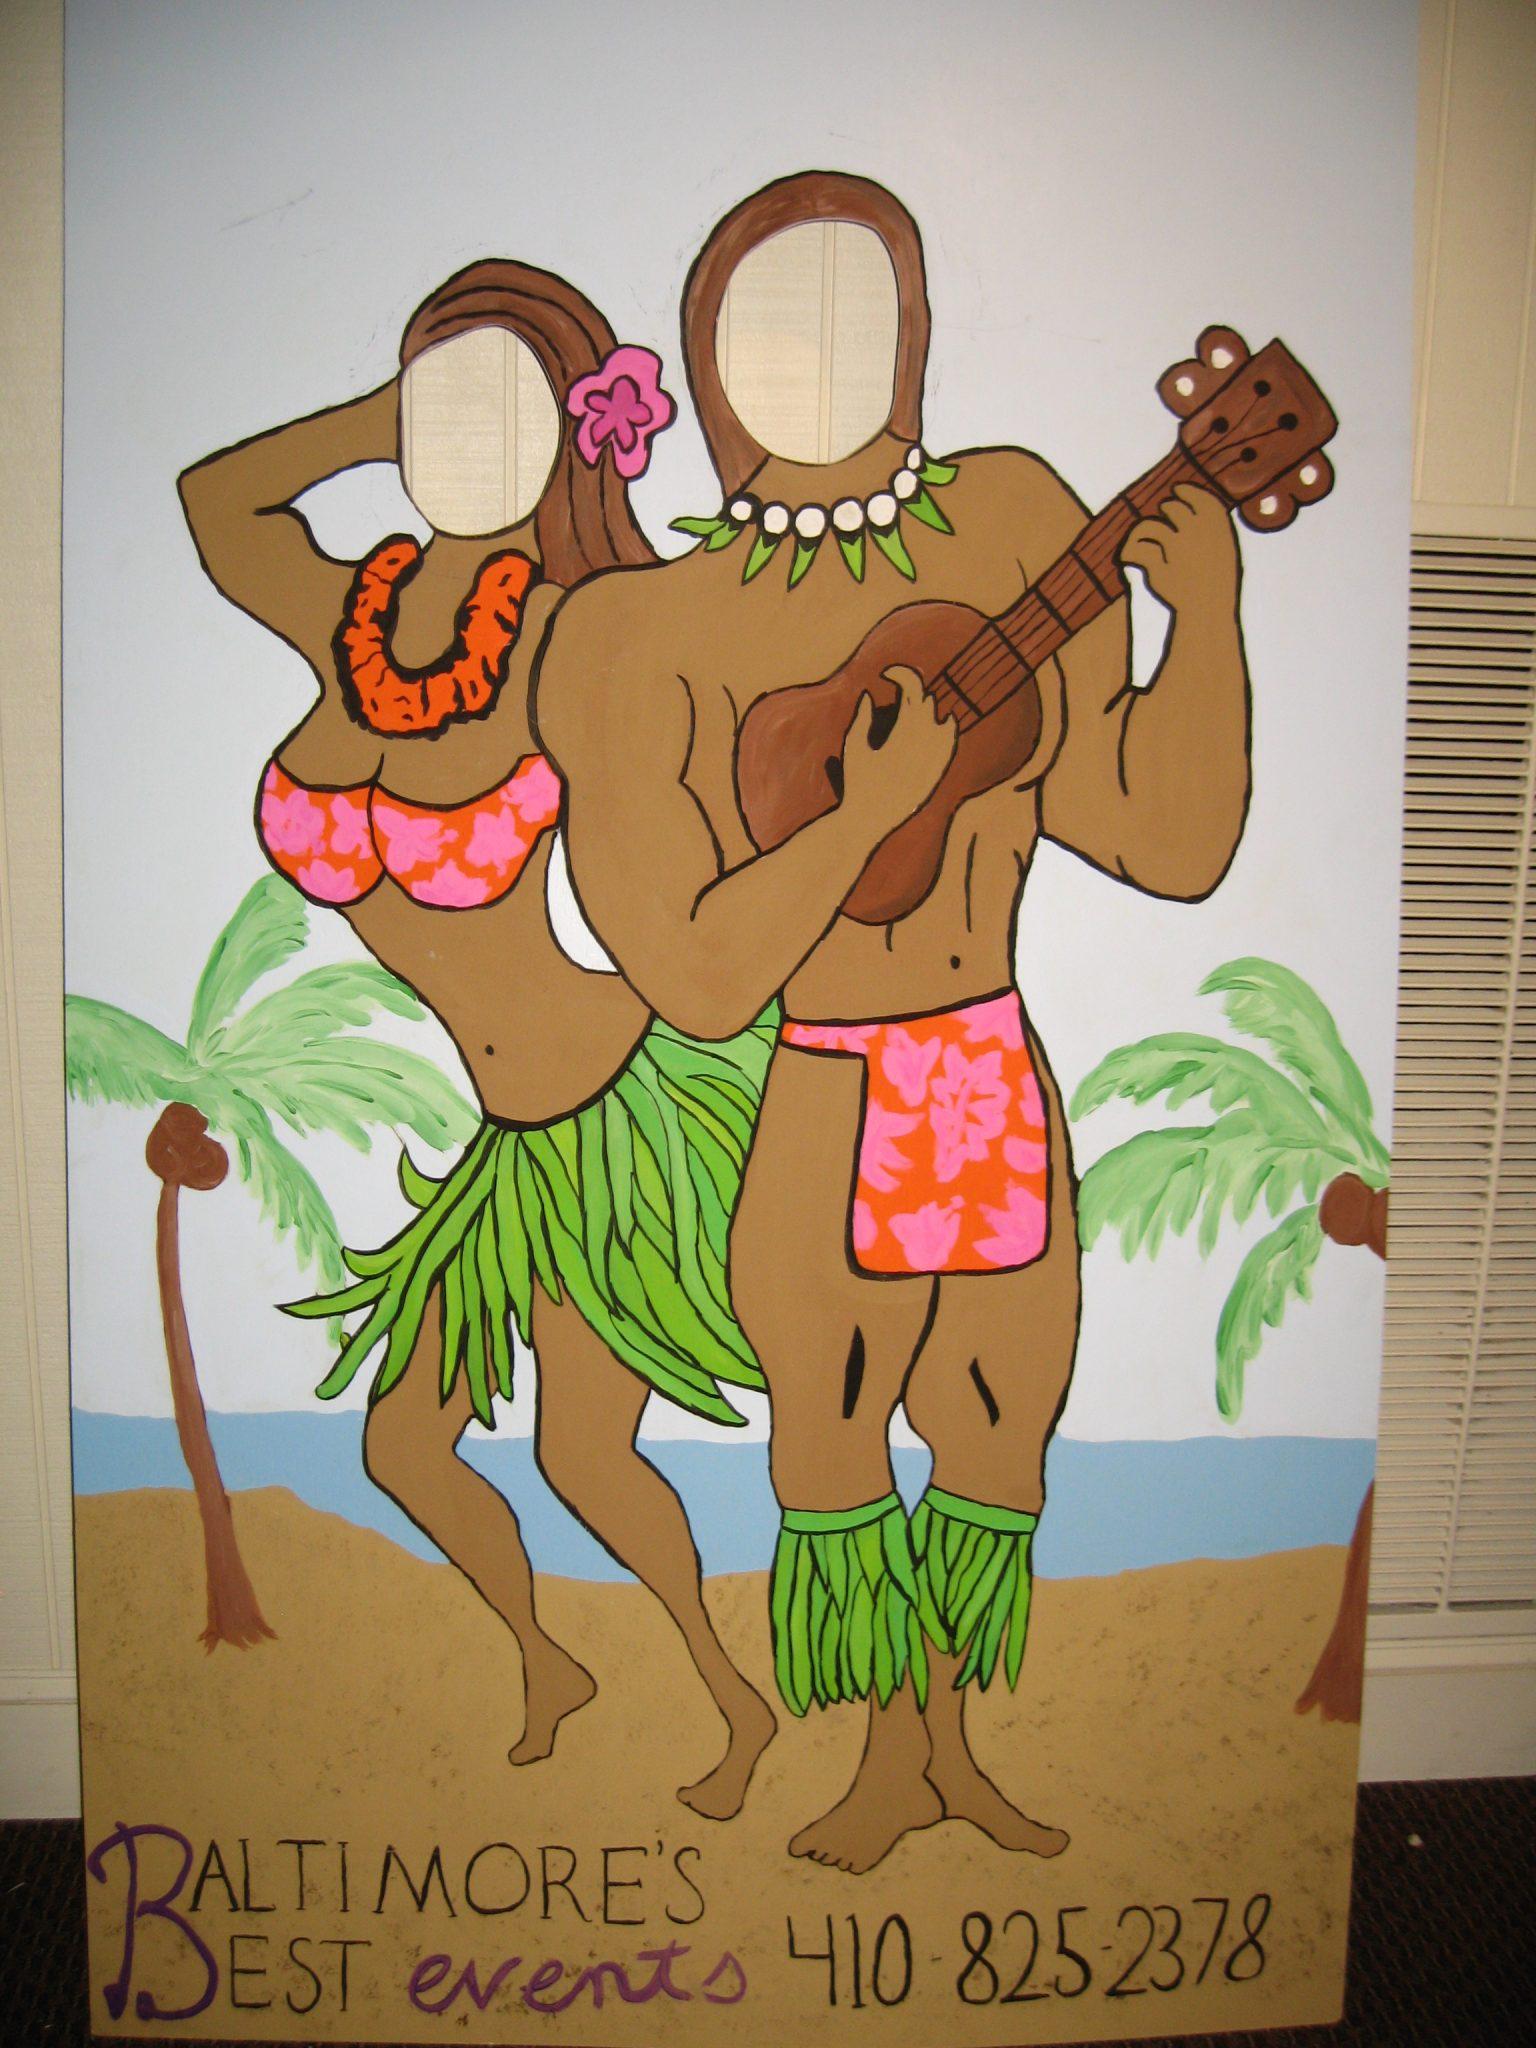 tropical  luau  beach  nautical  pirate  u2013 baltimore u0026 39 s best